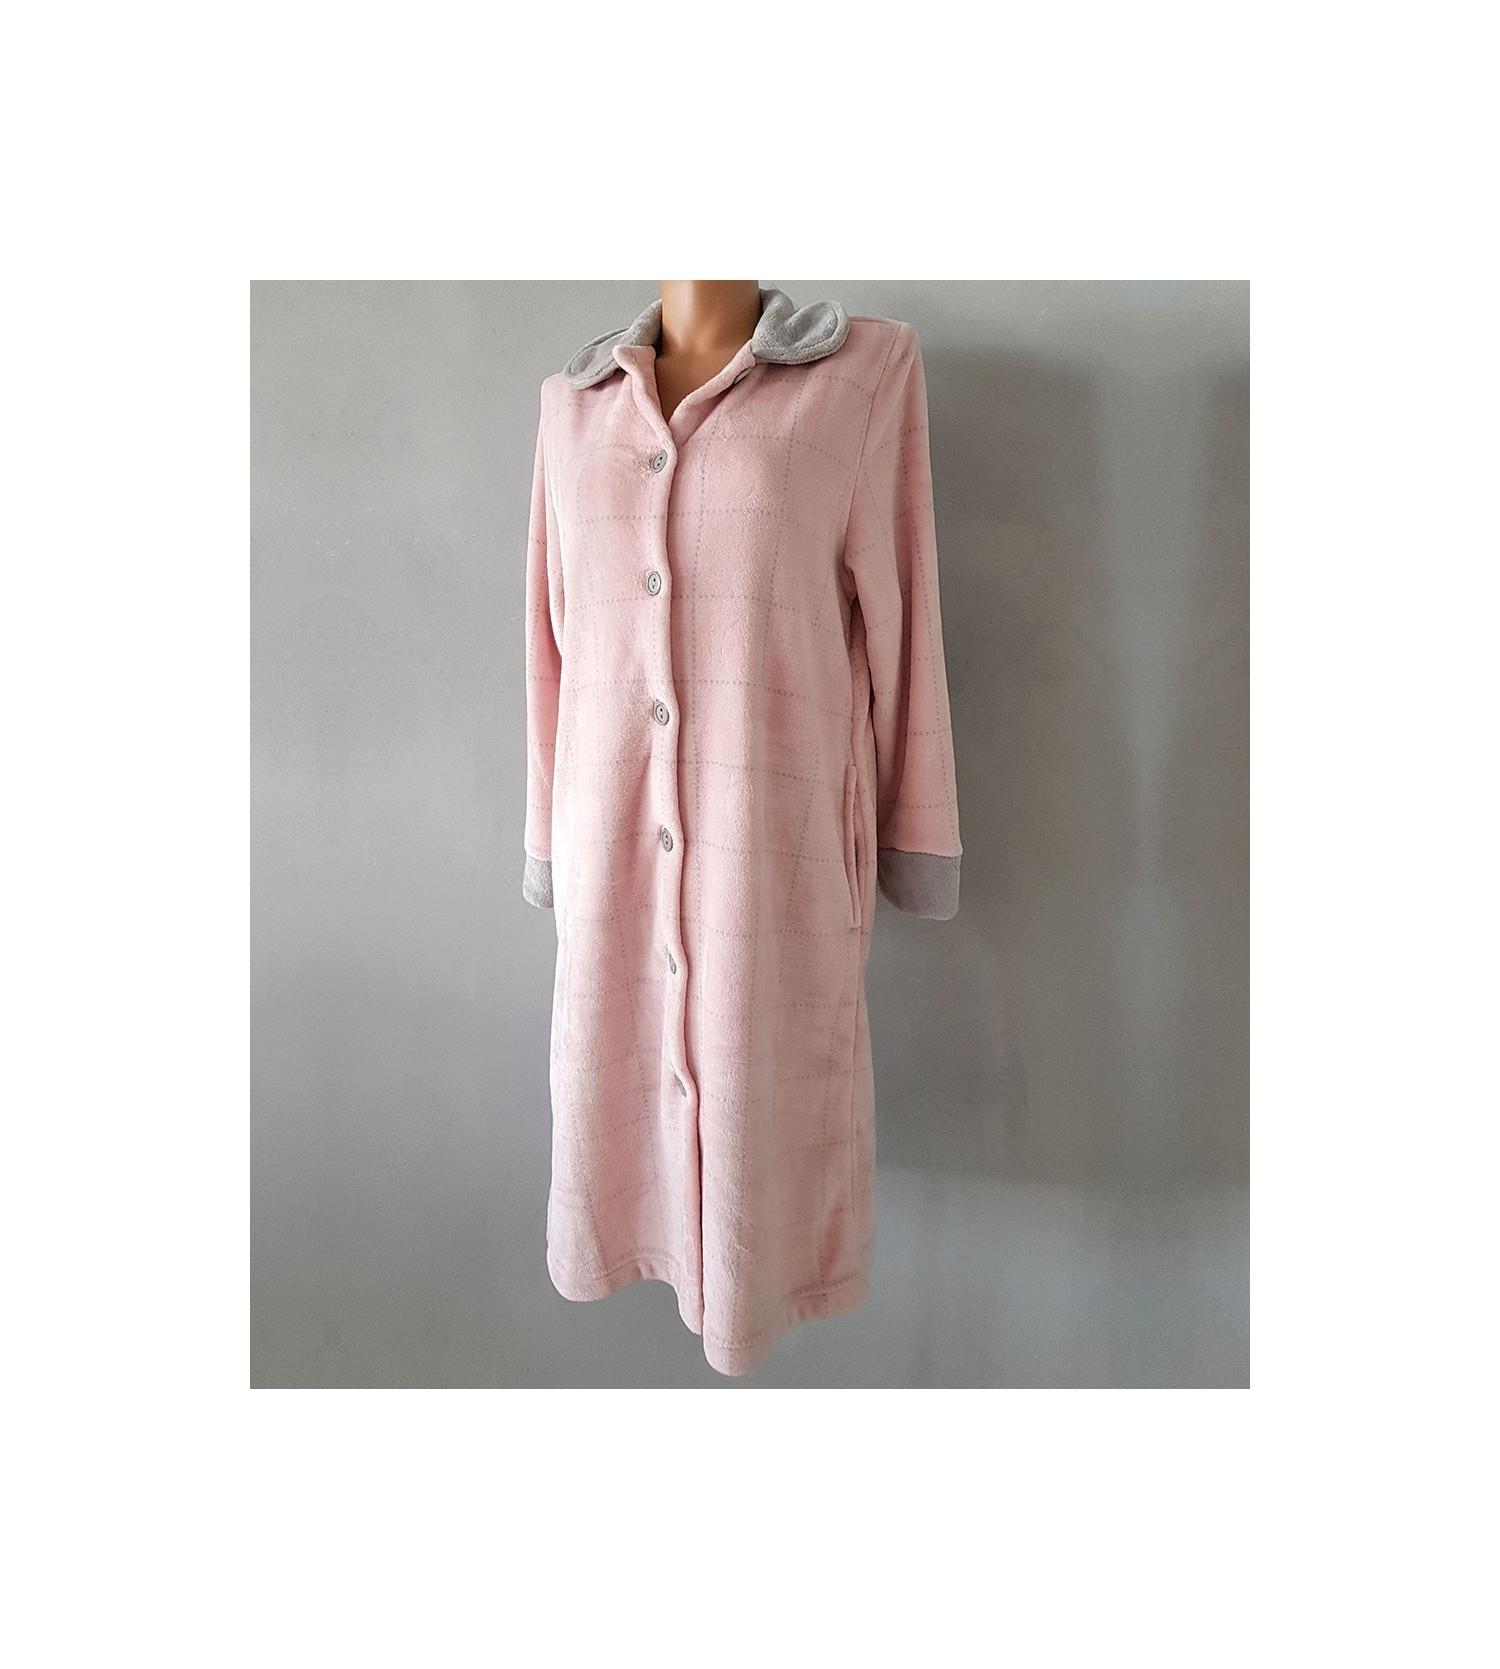 Robe de chambre femme en pilou gris rose lingerie sipp - Femme en robe de chambre ...